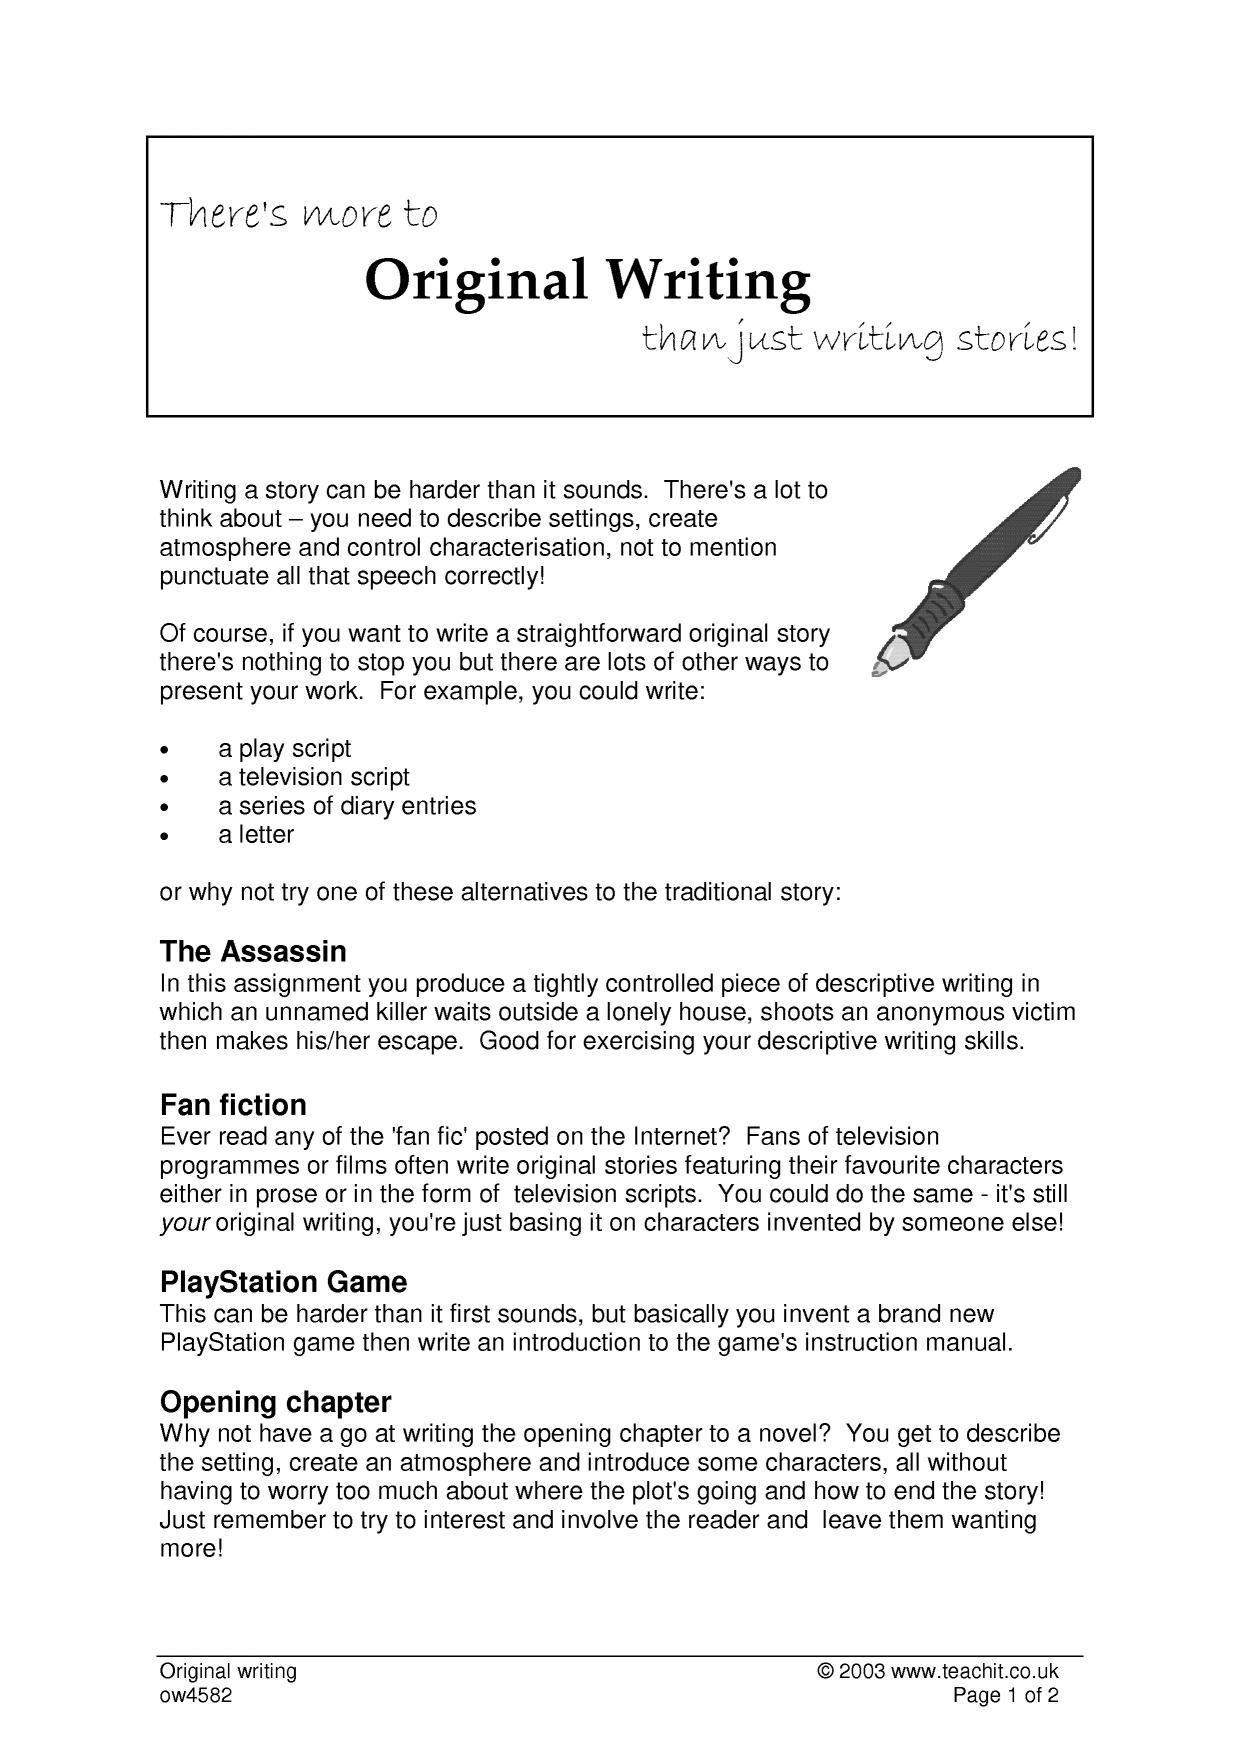 descriptive writing coursework